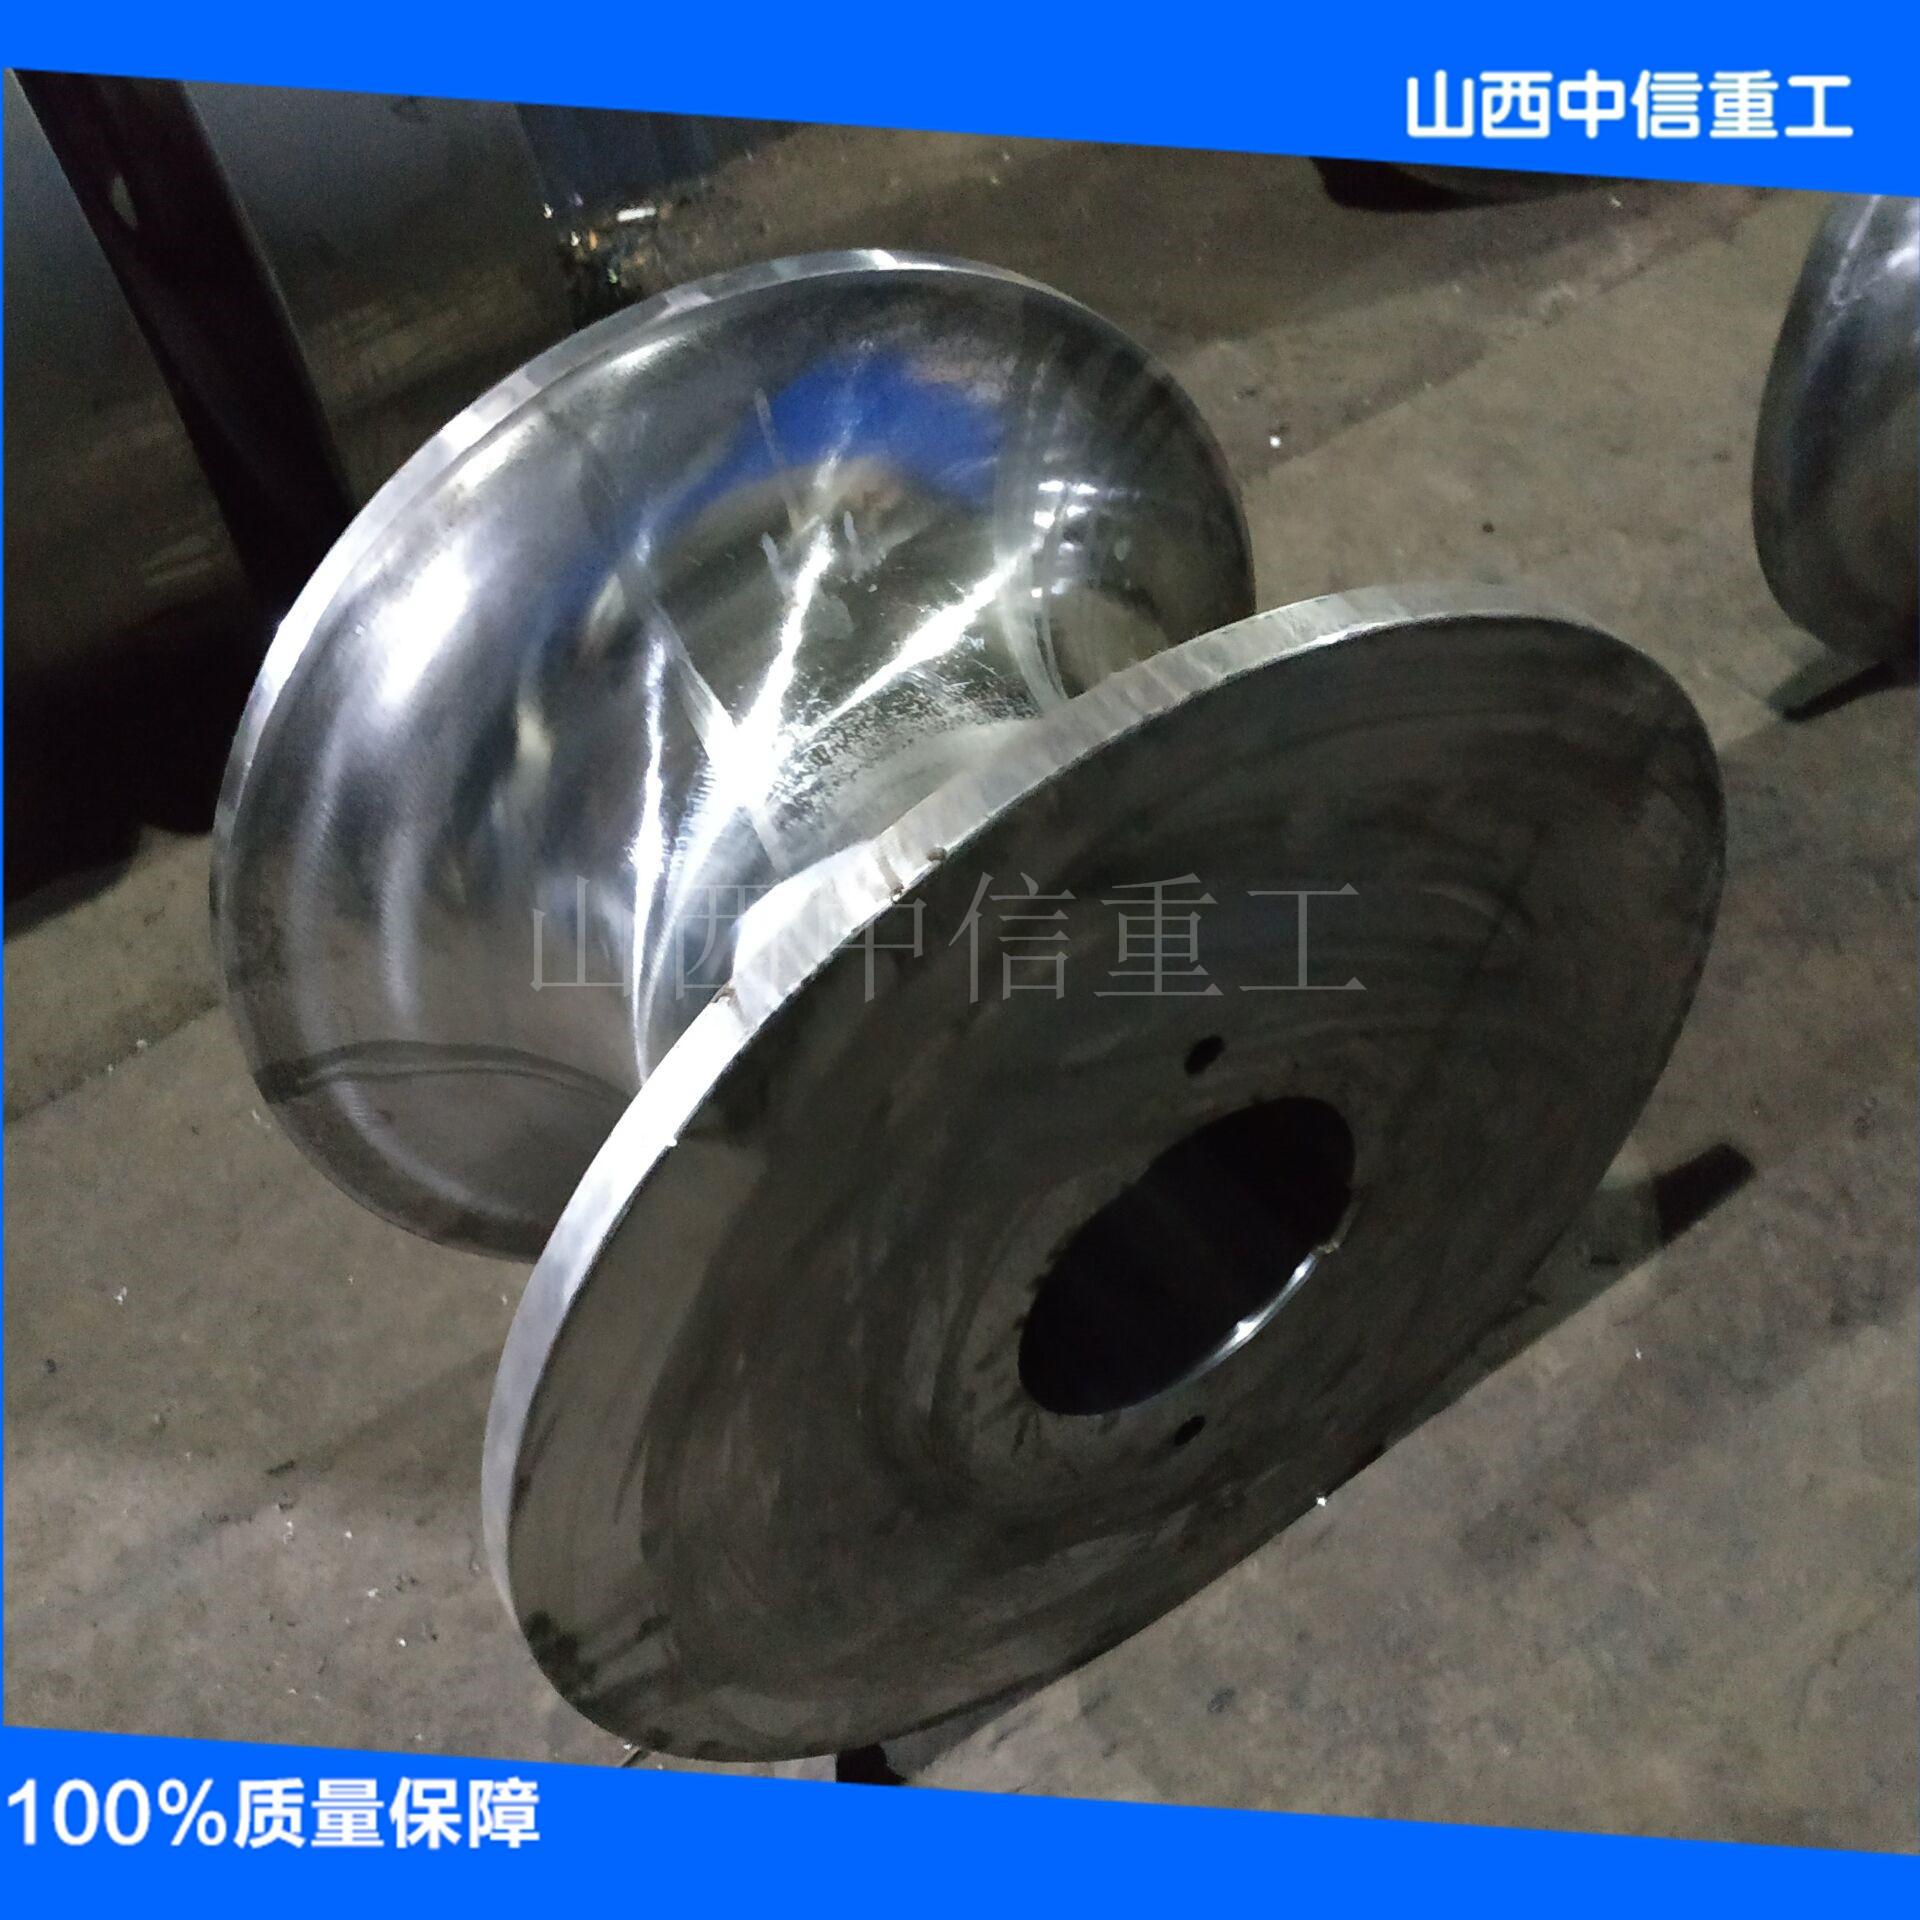 盘管模具滚轮  滚轮  盘滚轮  (3).jpg